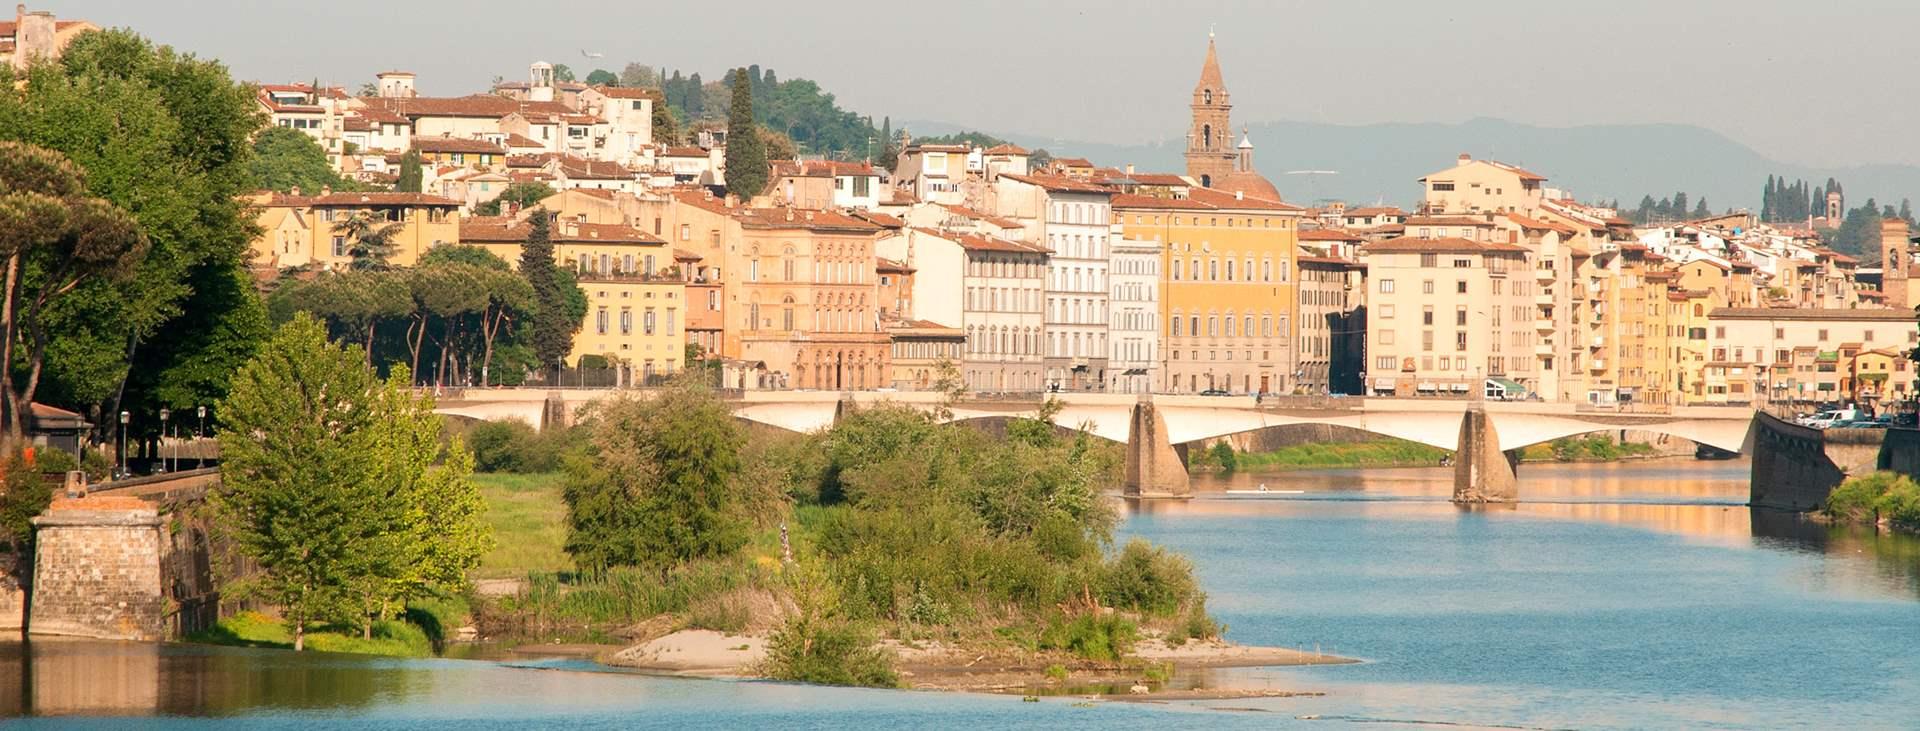 Bestill en reise til Firenze i Italia med Ving